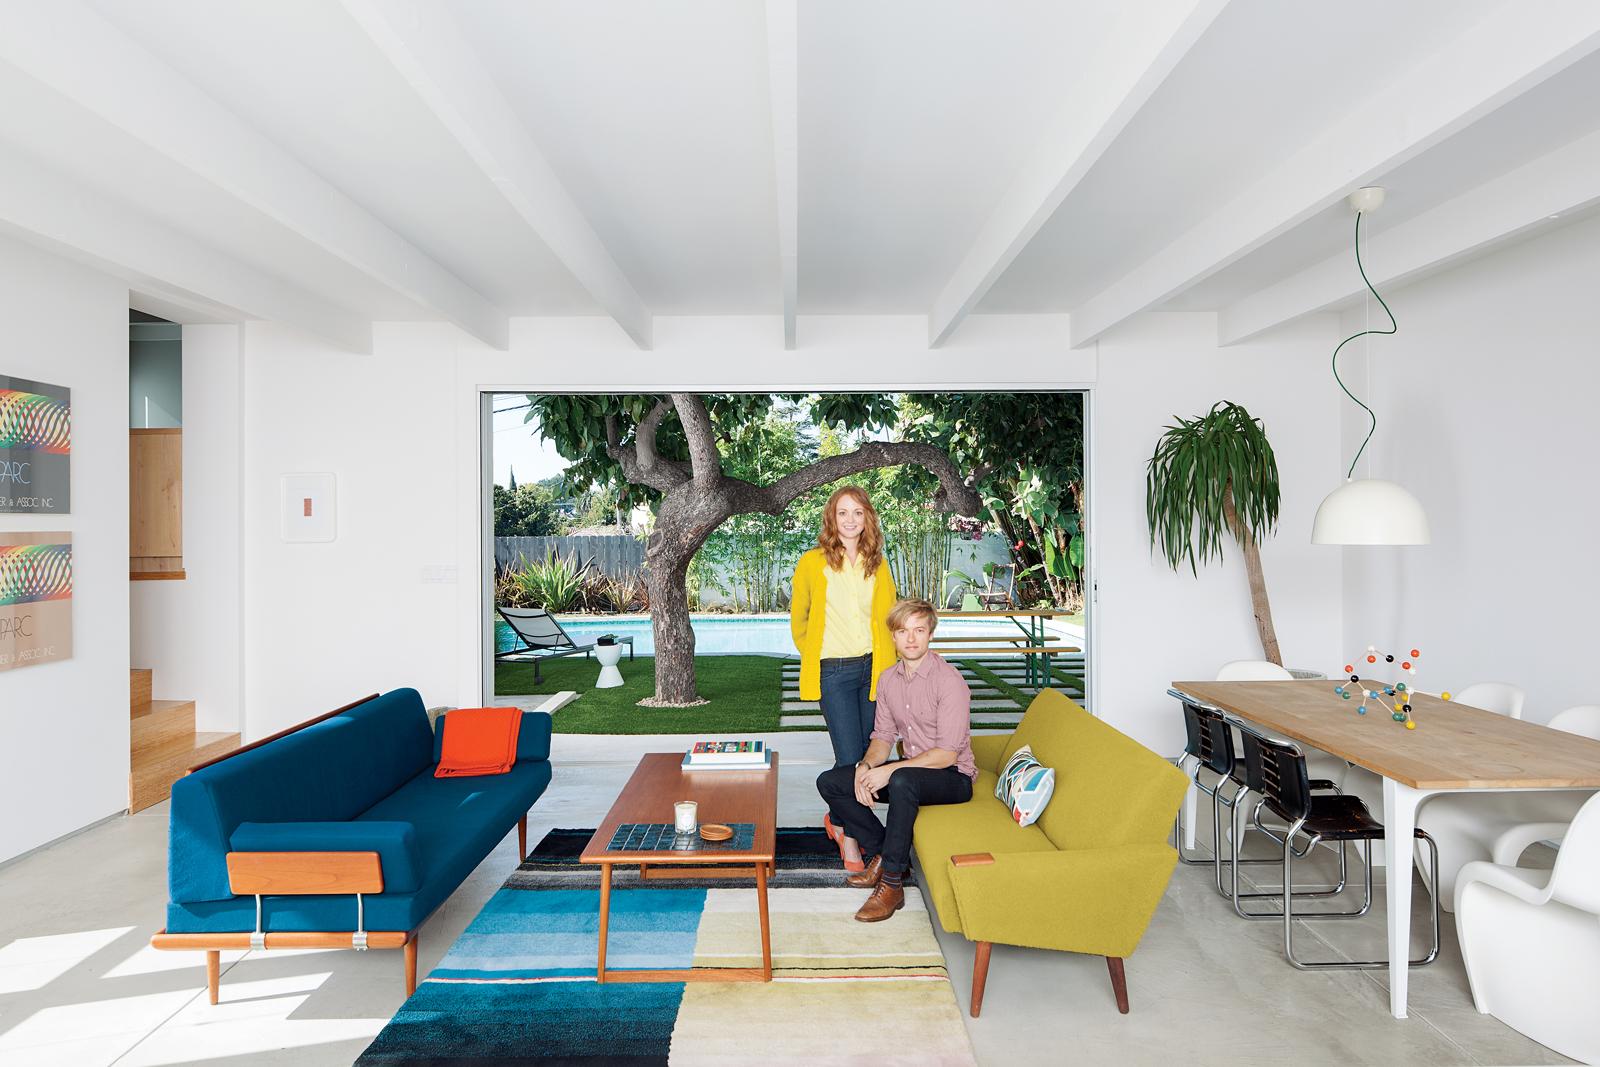 los feliz livingroom 0